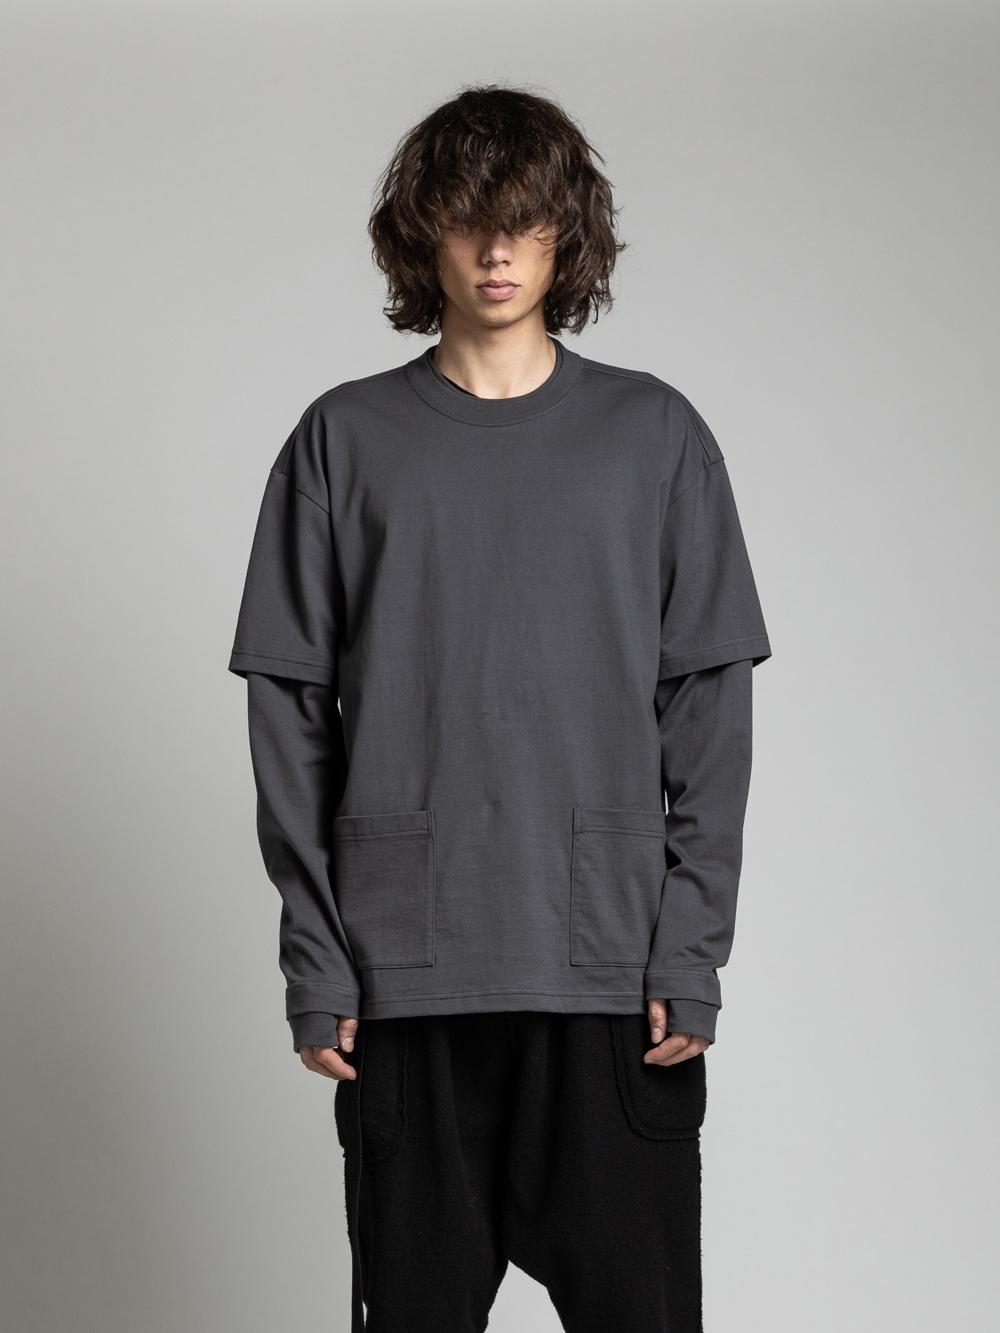 VI-3158-01 / 40/-天竺 裾ポケット レイヤード 長袖カットソー